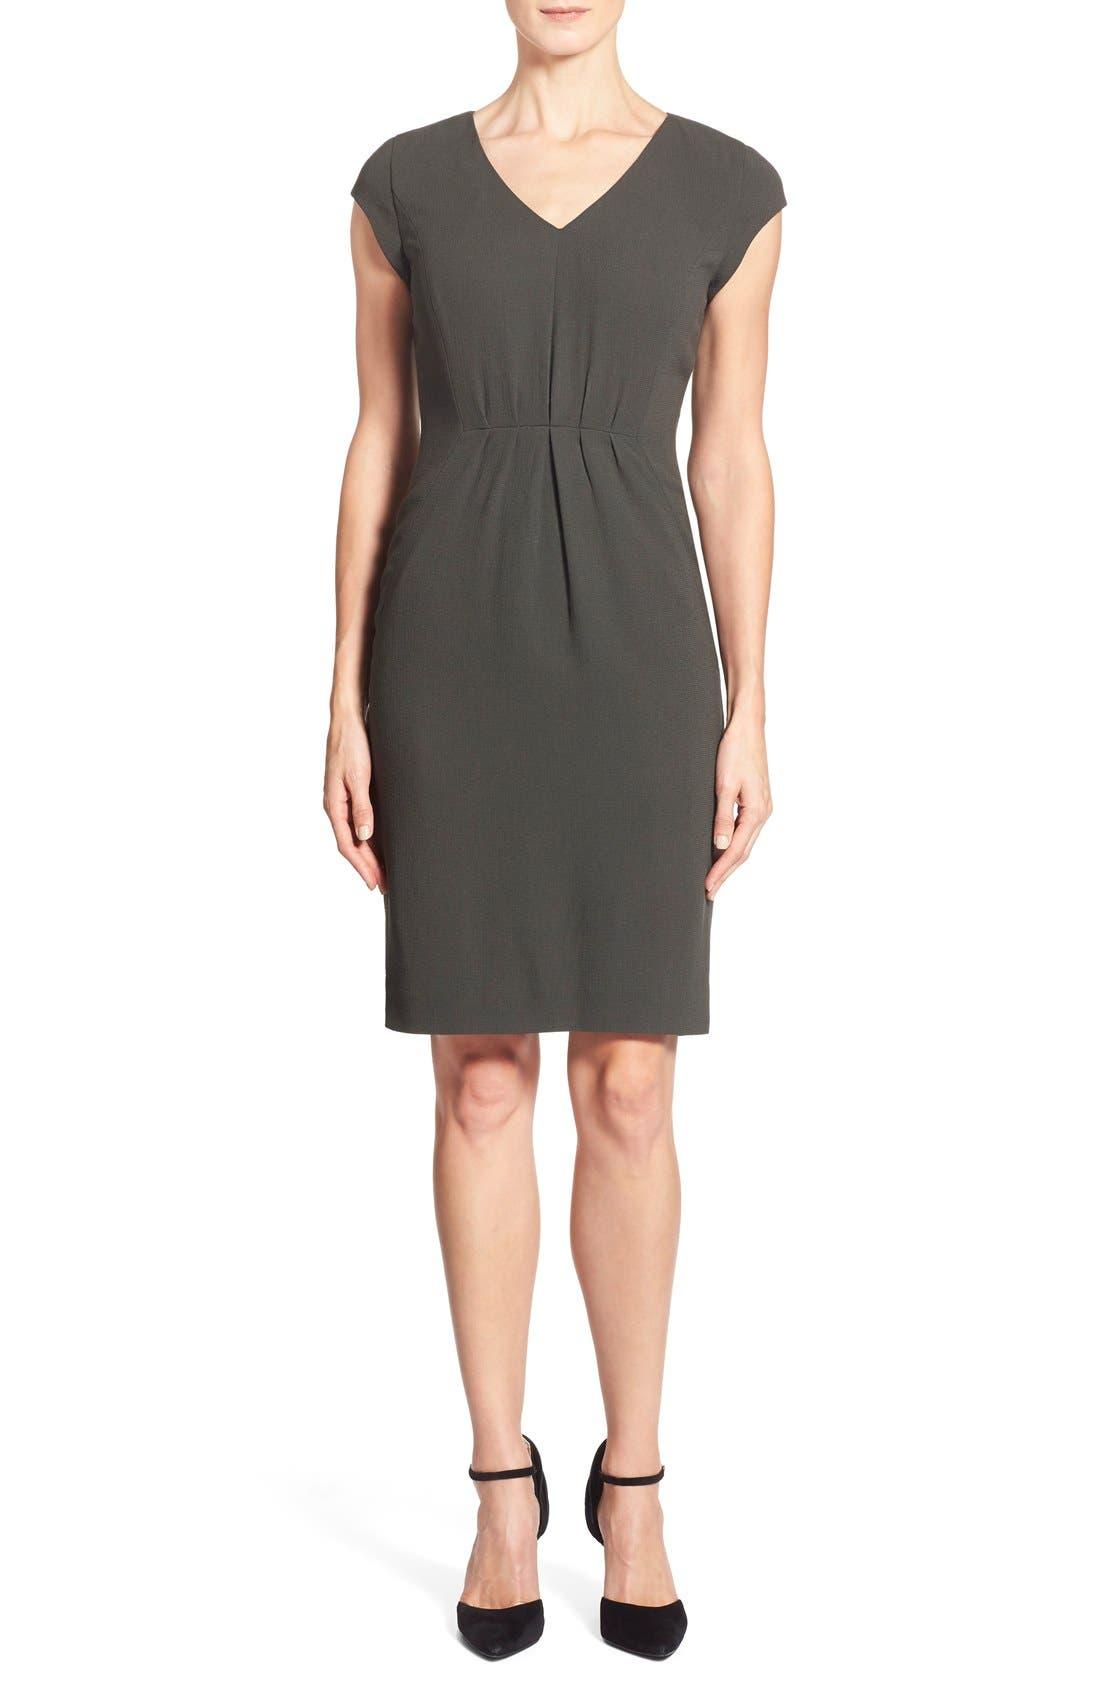 CLASSIQUES ENTIER<SUP>®</SUP>, V-Neck Double Cloth Sheath Dress, Main thumbnail 1, color, 301